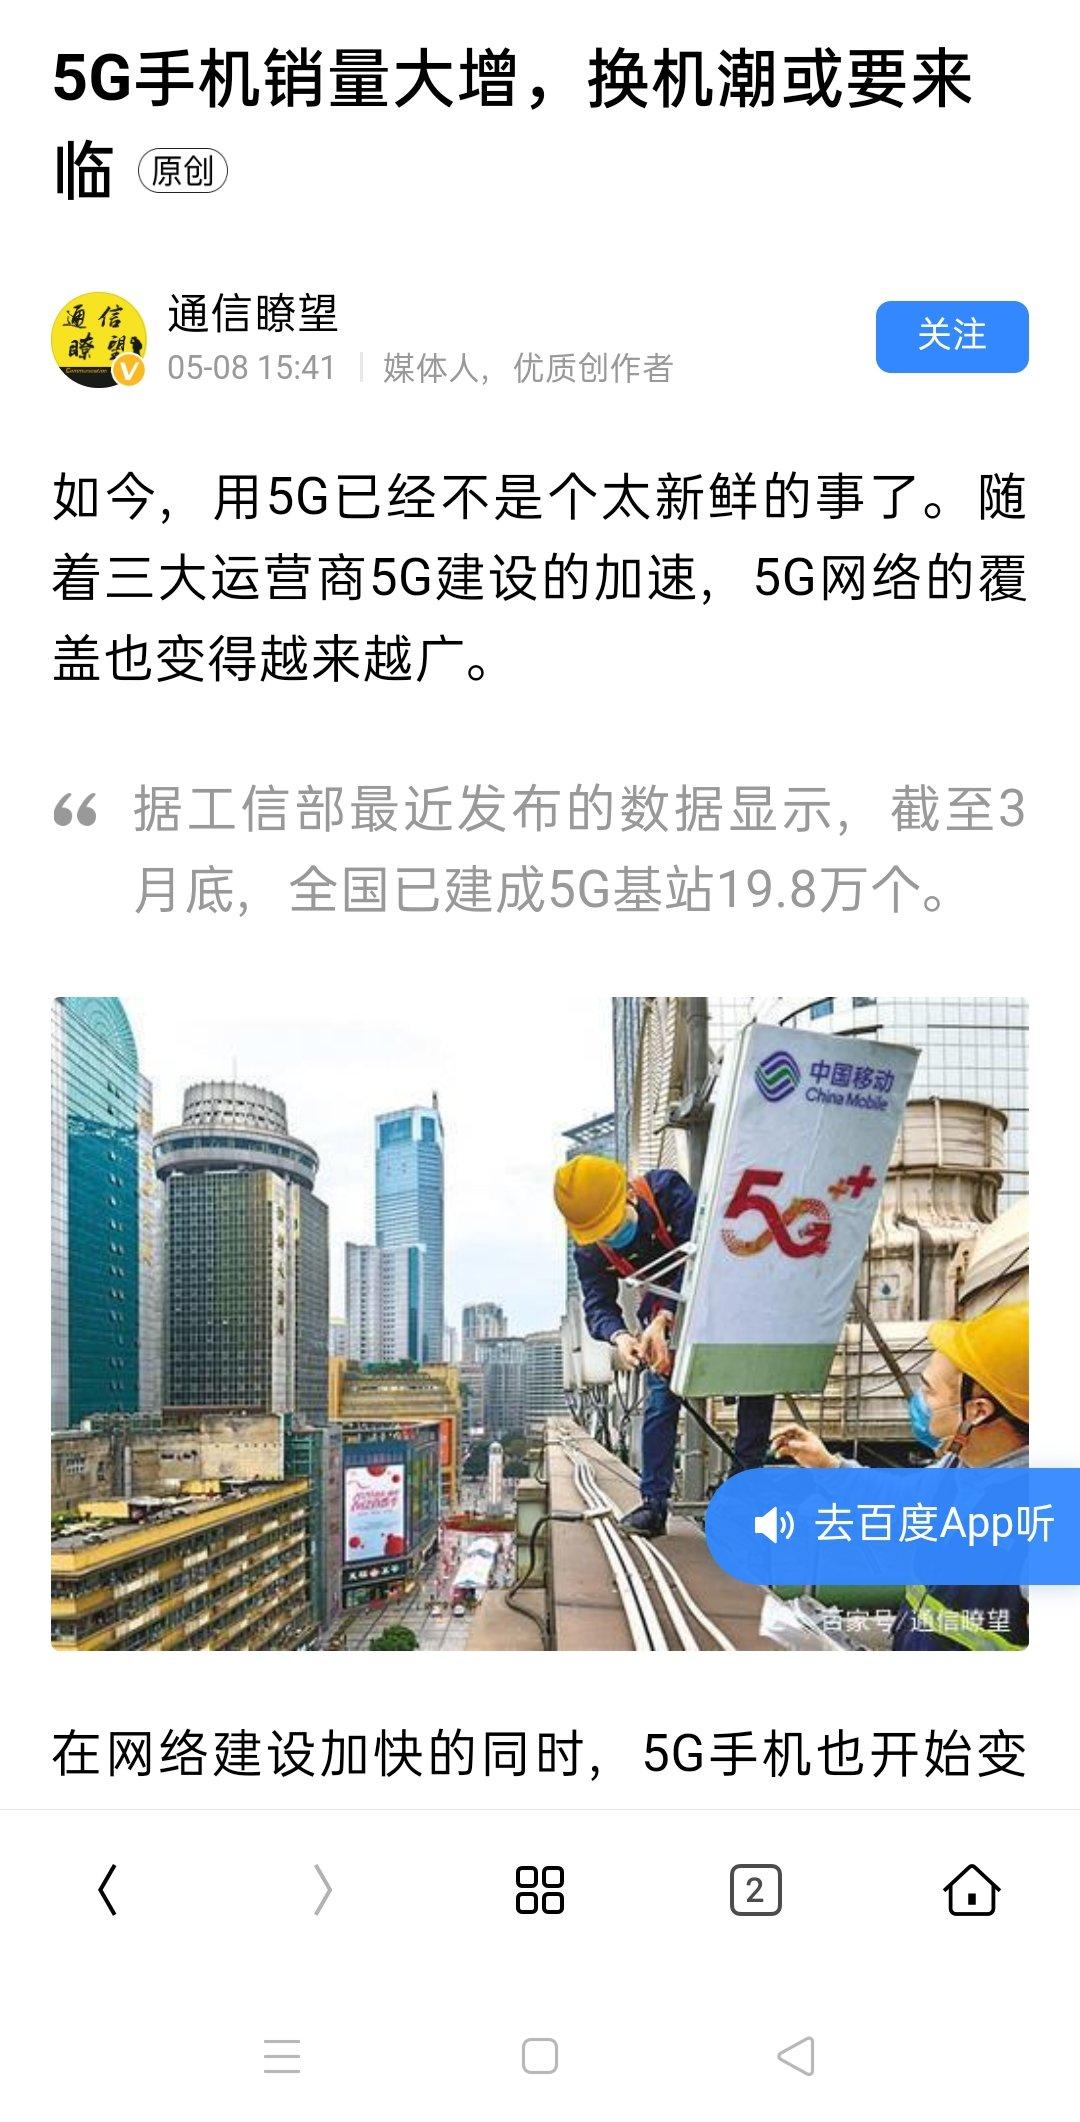 參考消息_聚辰股份(688123)股吧_東方財富網股吧